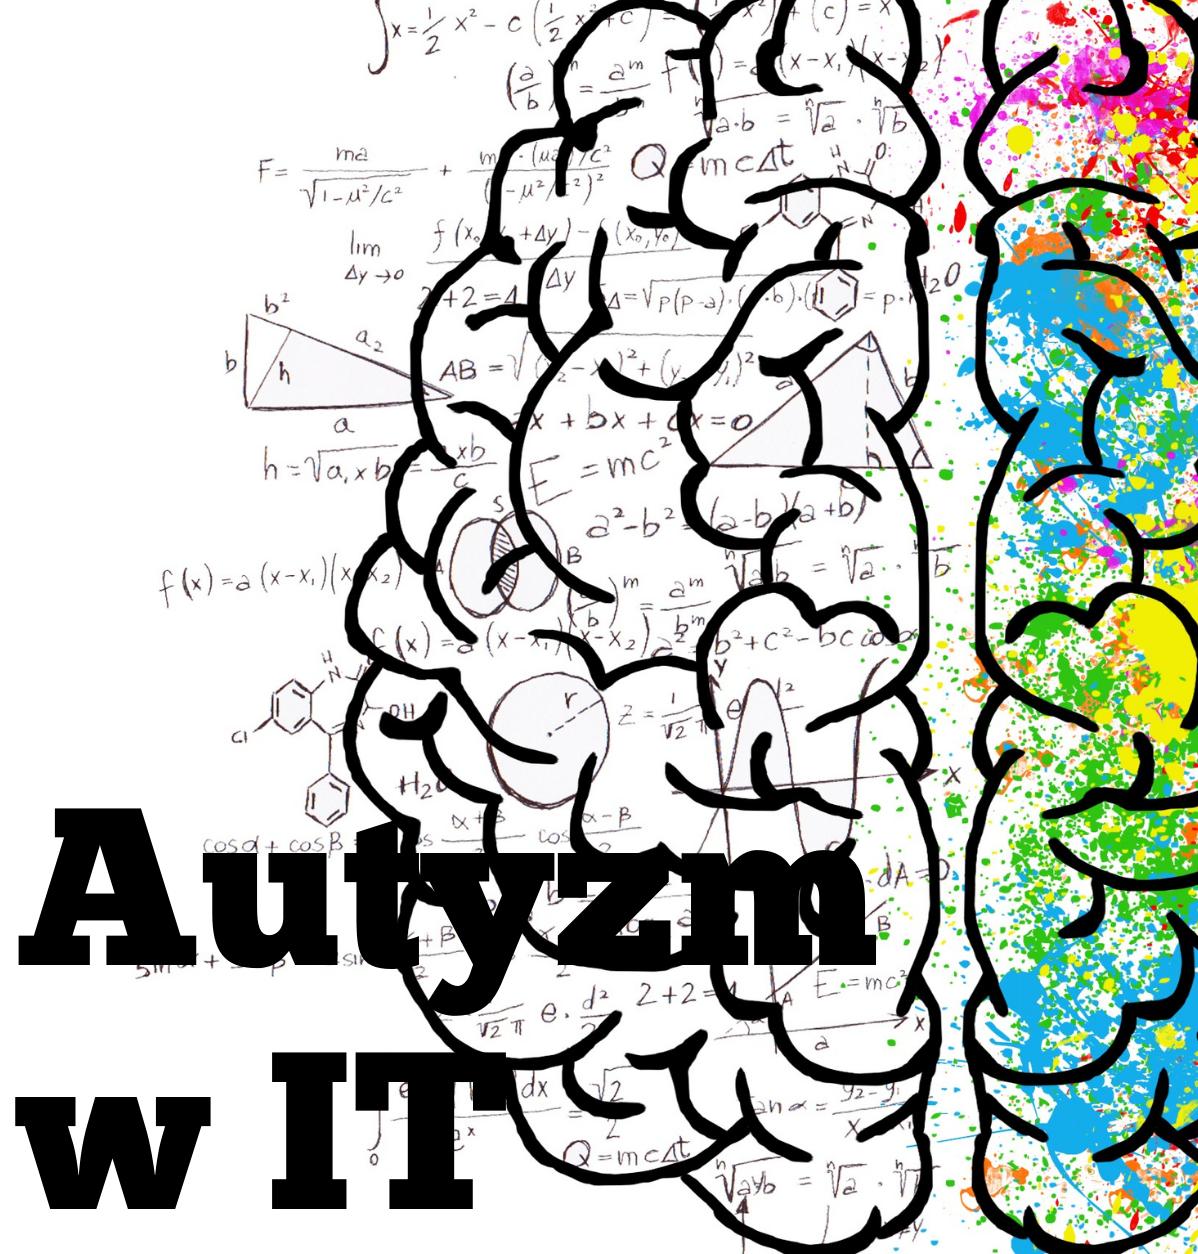 Autyzm w Świecie IT